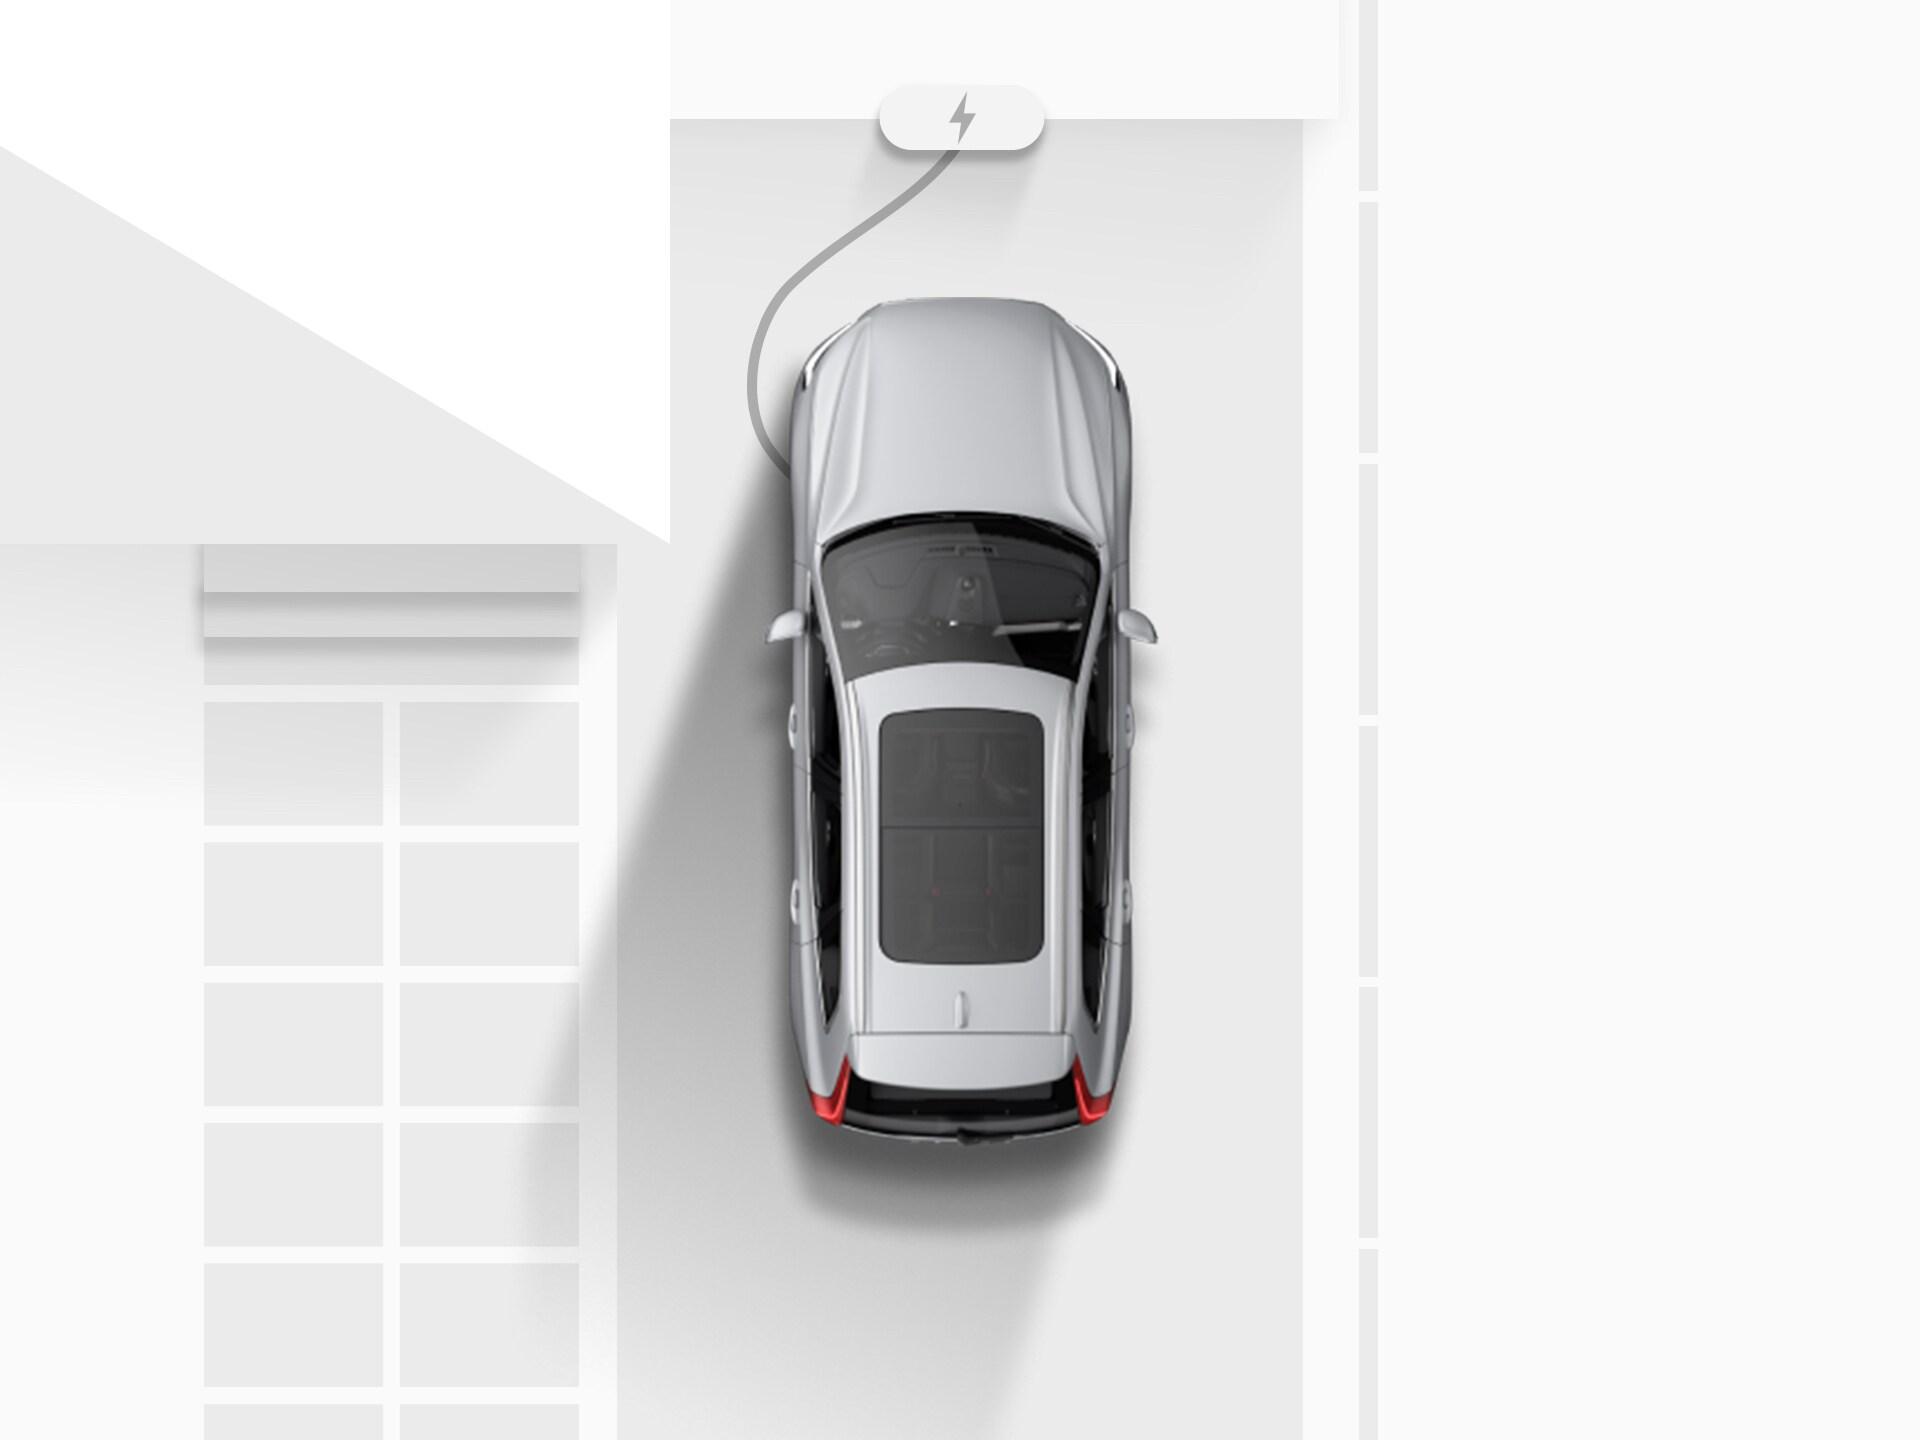 Horft ofan á stafræna teikningu af silfruðum Volvo XC40 Recharge-rafjeppa í hleðslu á heimilisbílastæði.